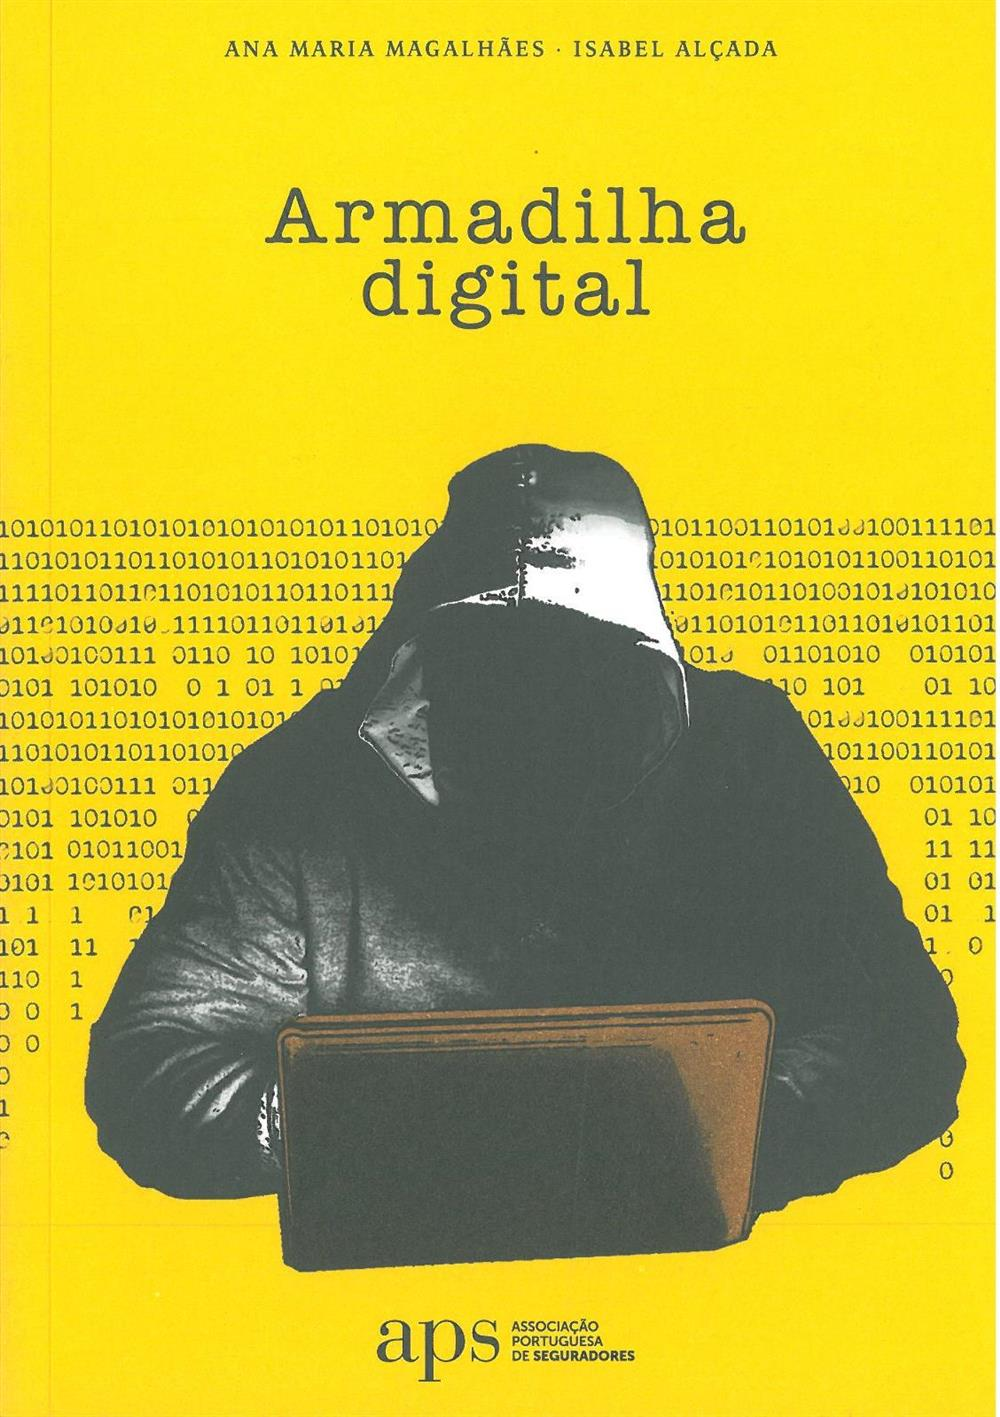 Armadilha digital_.jpg